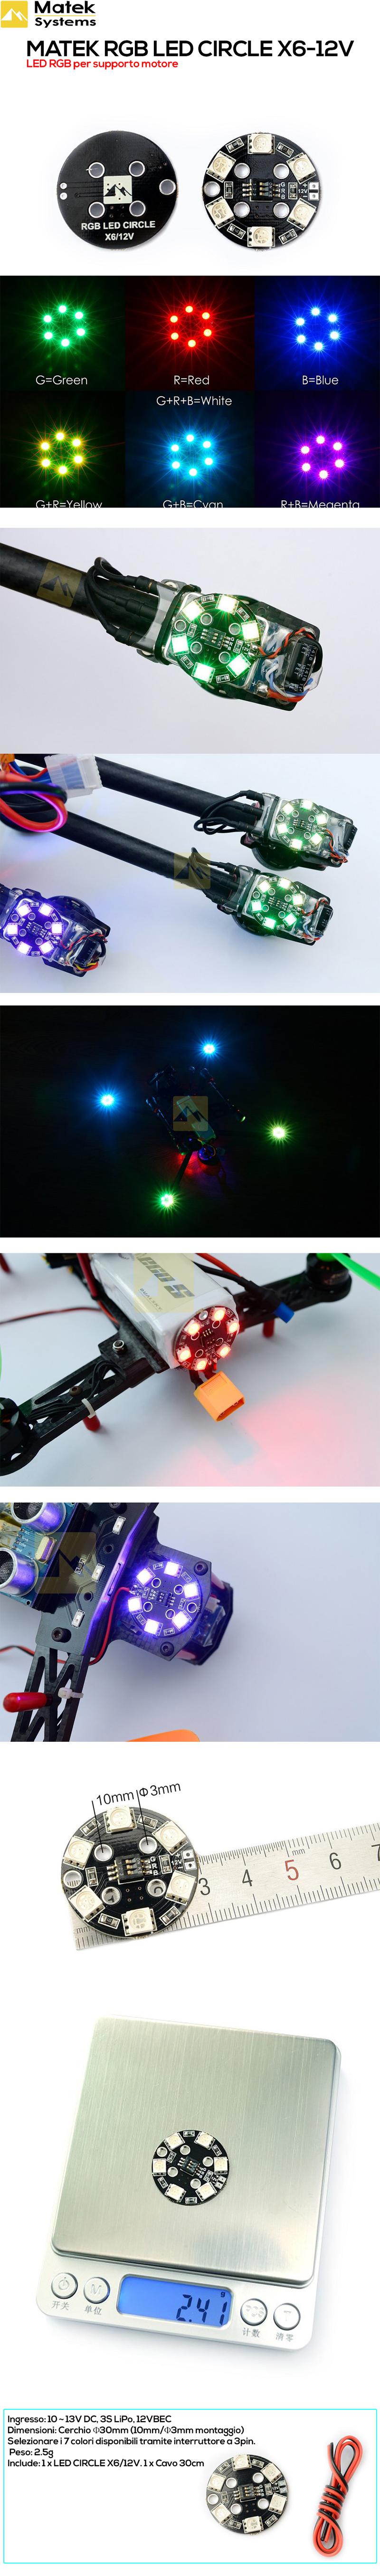 matek-rgb-led-circle-x6--12v-led-per-fpv-e-droni-costruzionedroni